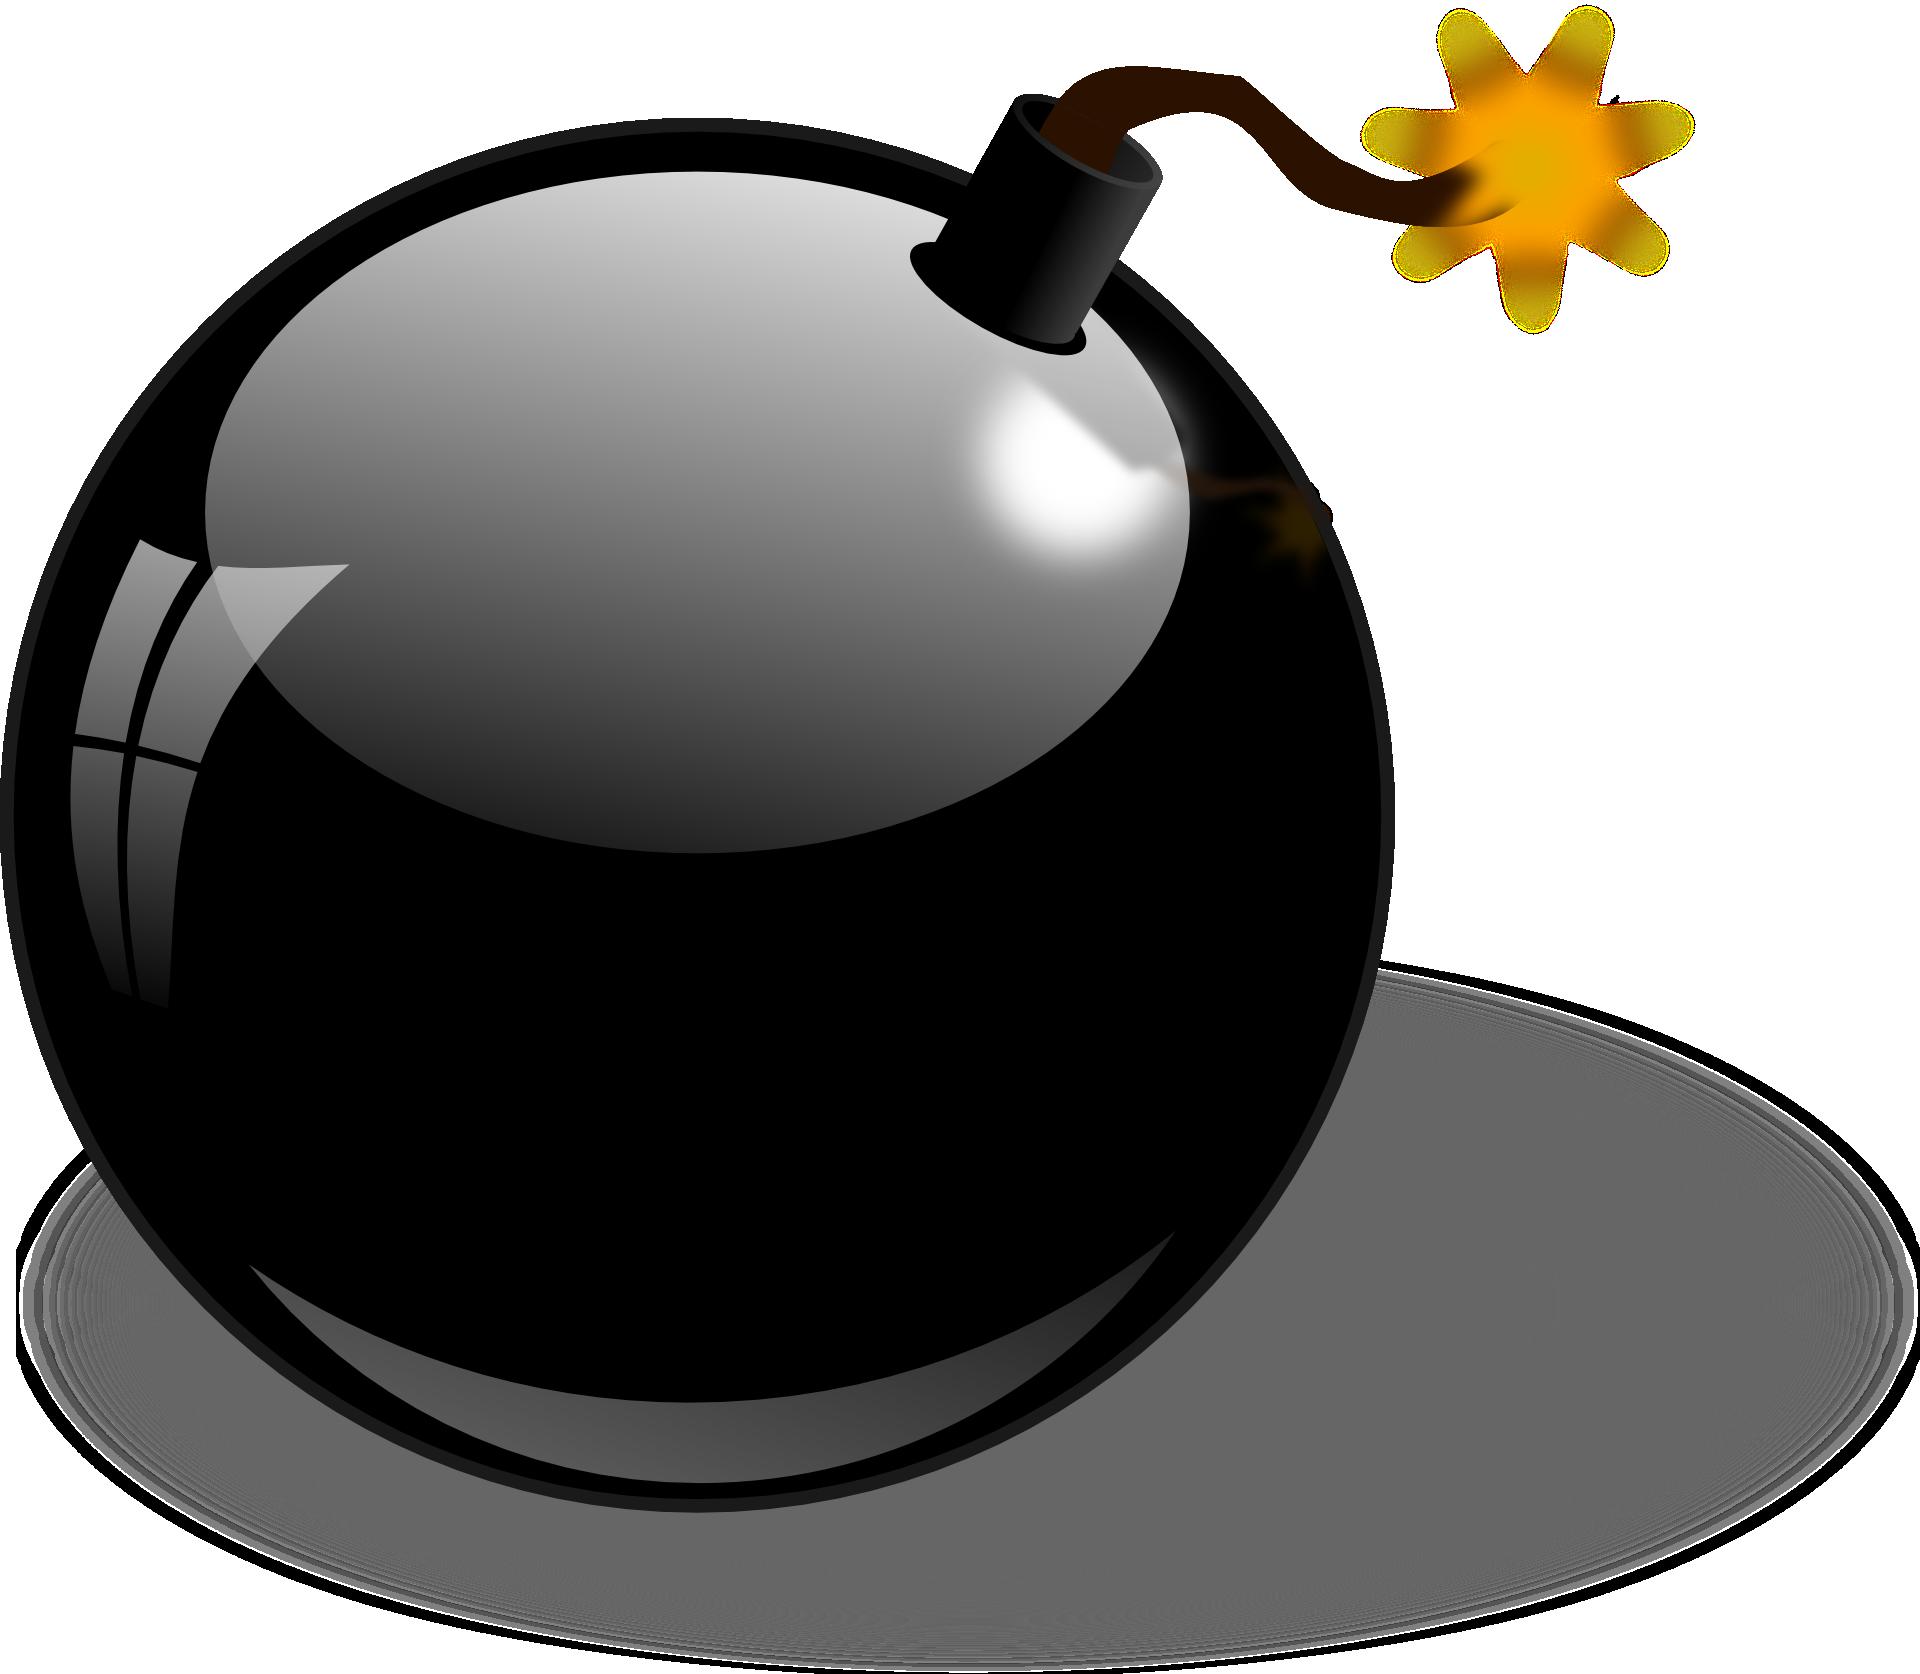 bomb-154456